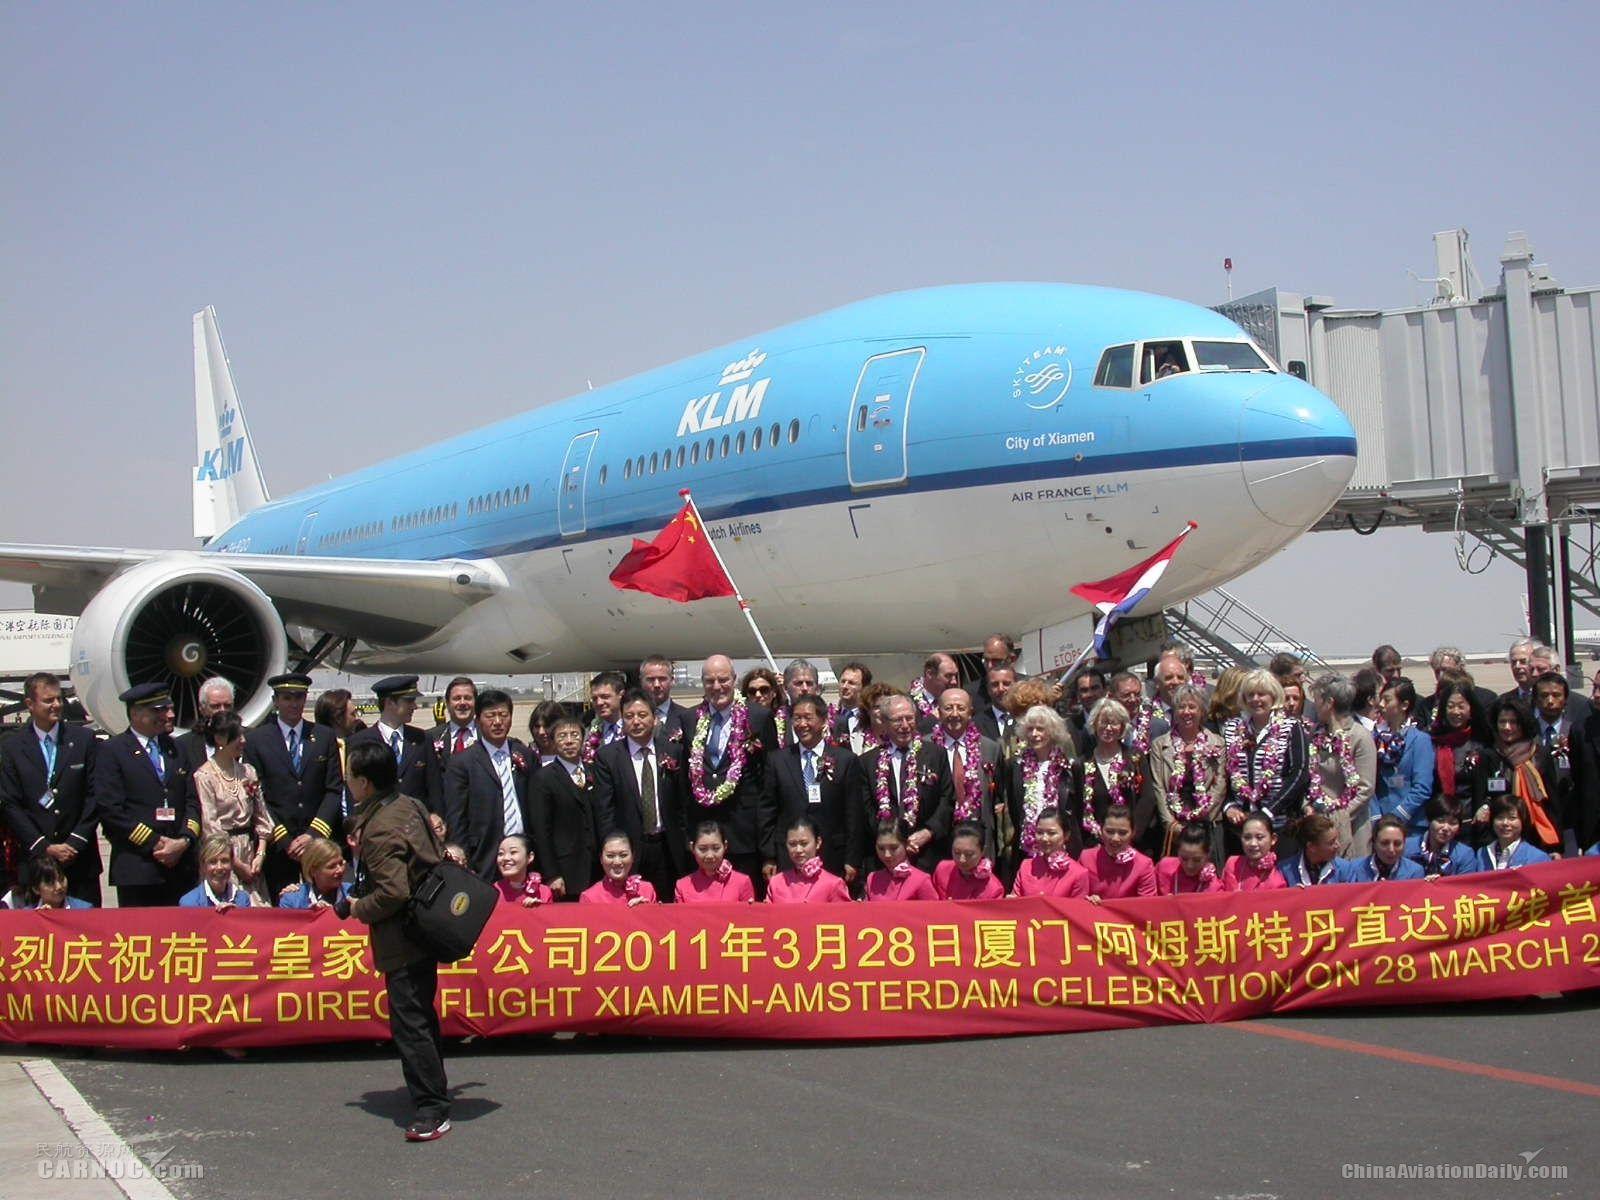 2011年荷兰皇家航空港首航仪式